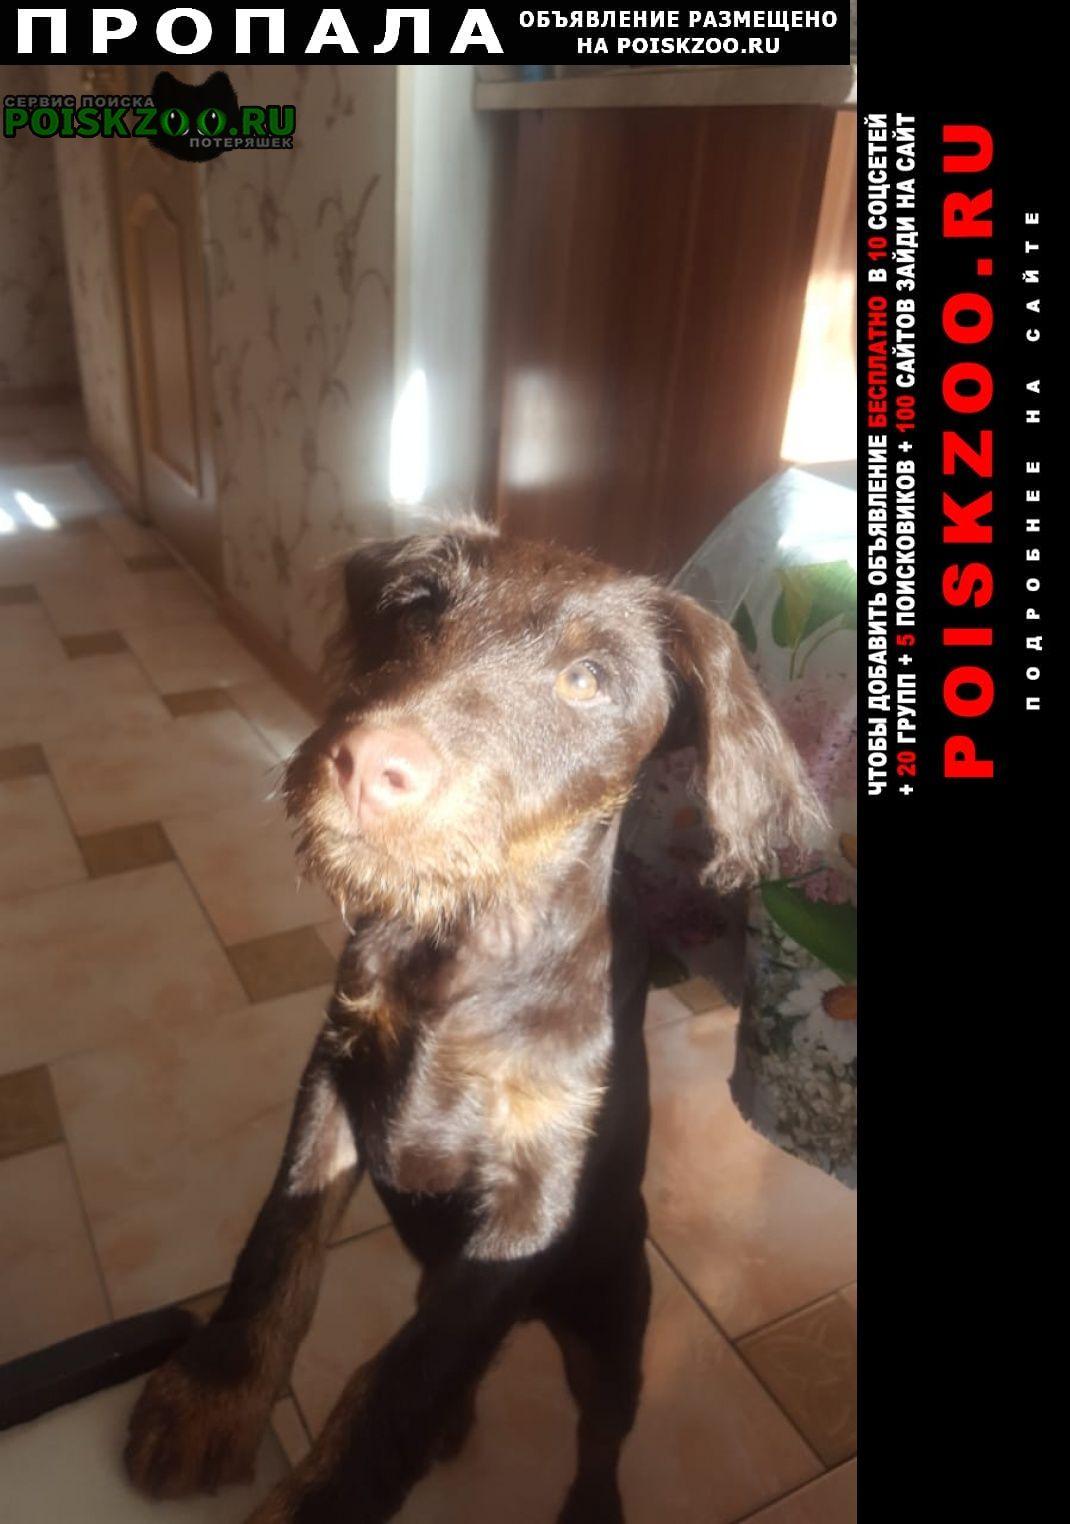 Пропала собака ягдтерьер коричневый Приозерск